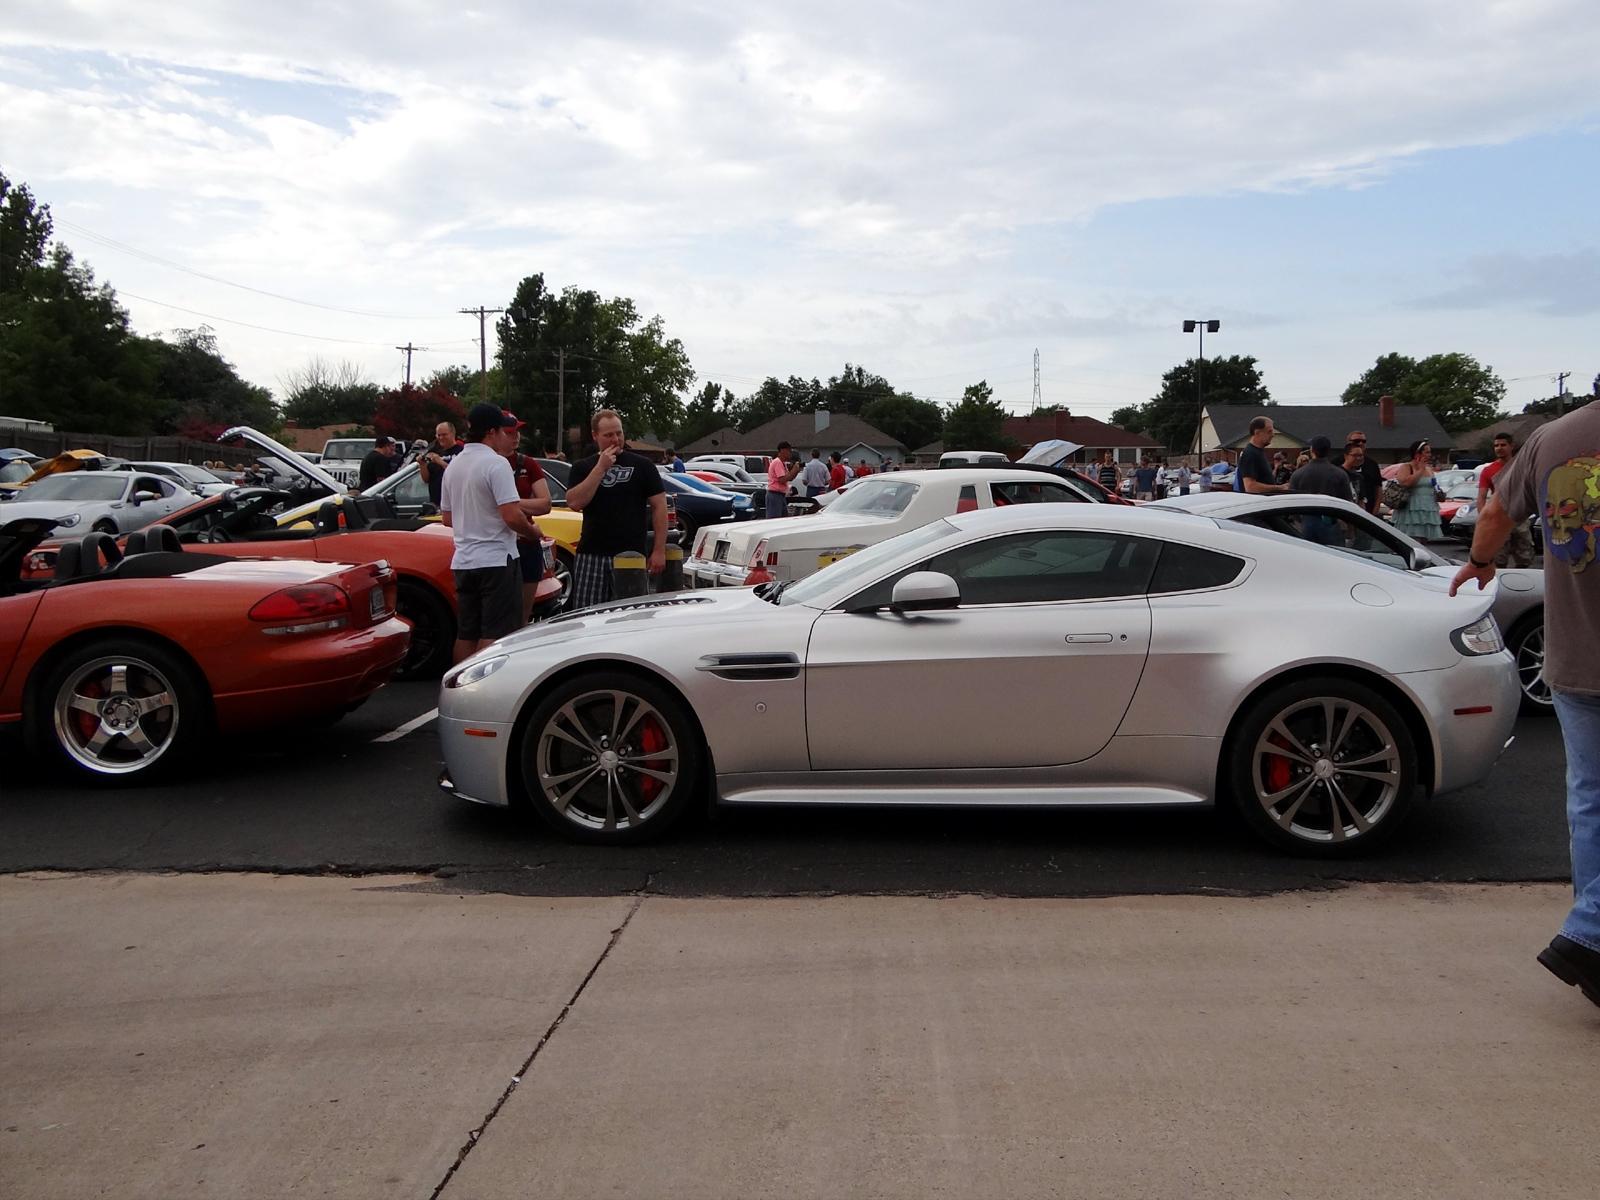 Toyota Dealers Okc >> Car Shows Okc 2014 | Autos Post